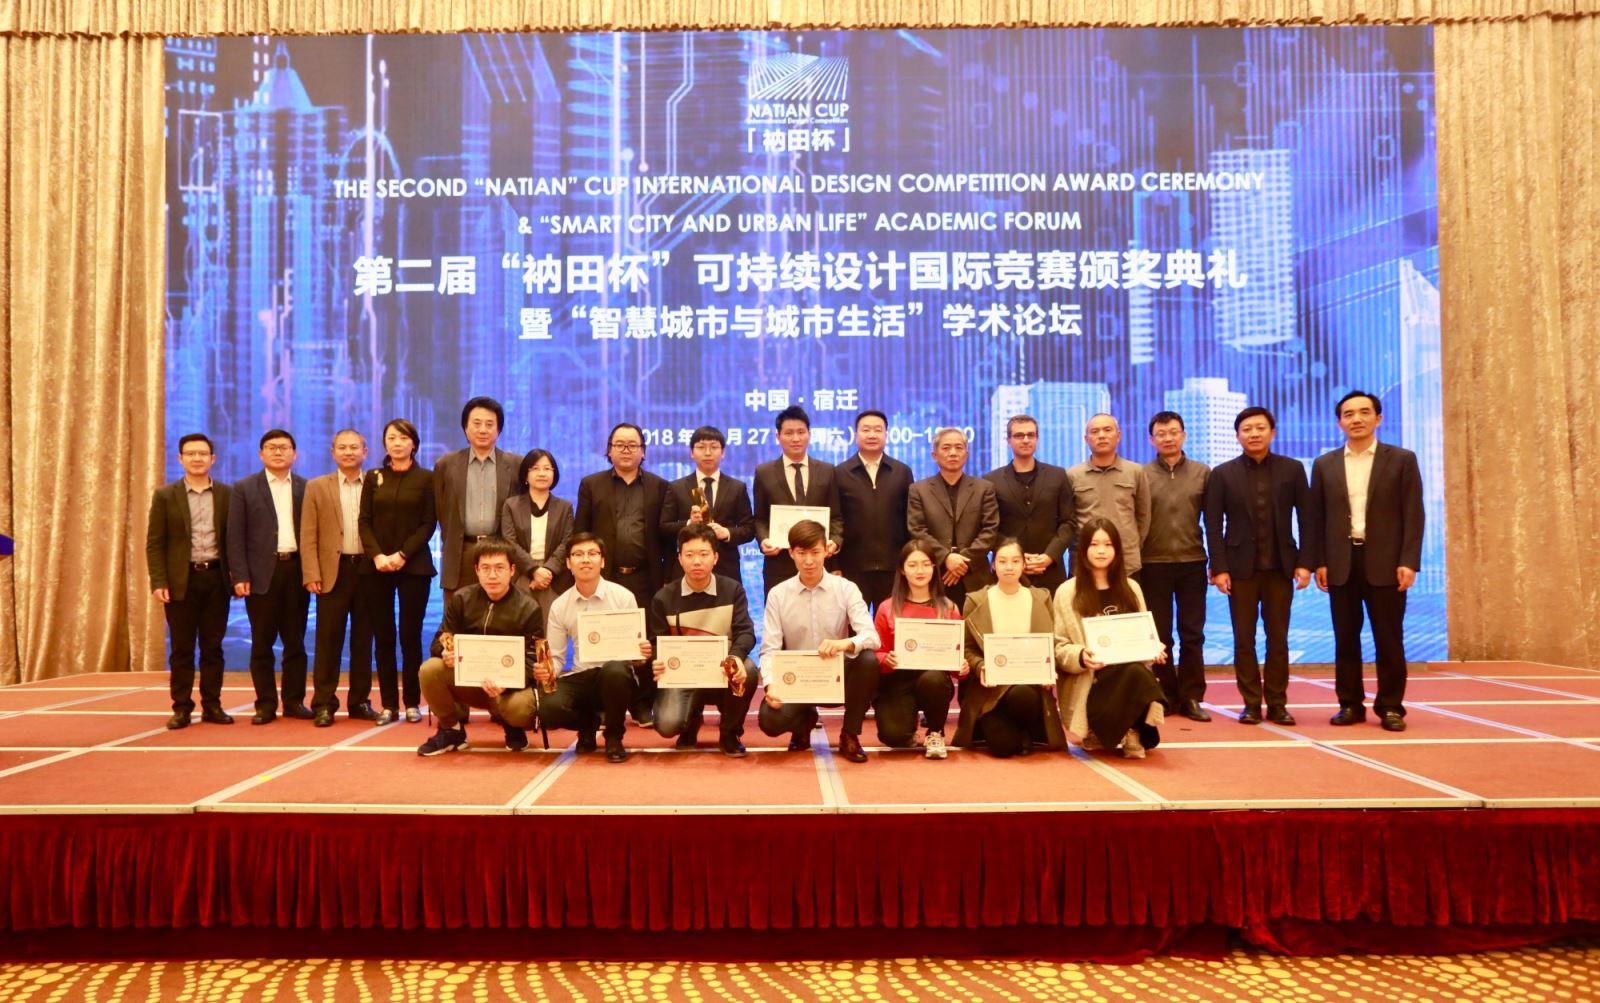 """第二届""""衲田杯""""可持续设计国际竞赛颁奖典礼"""